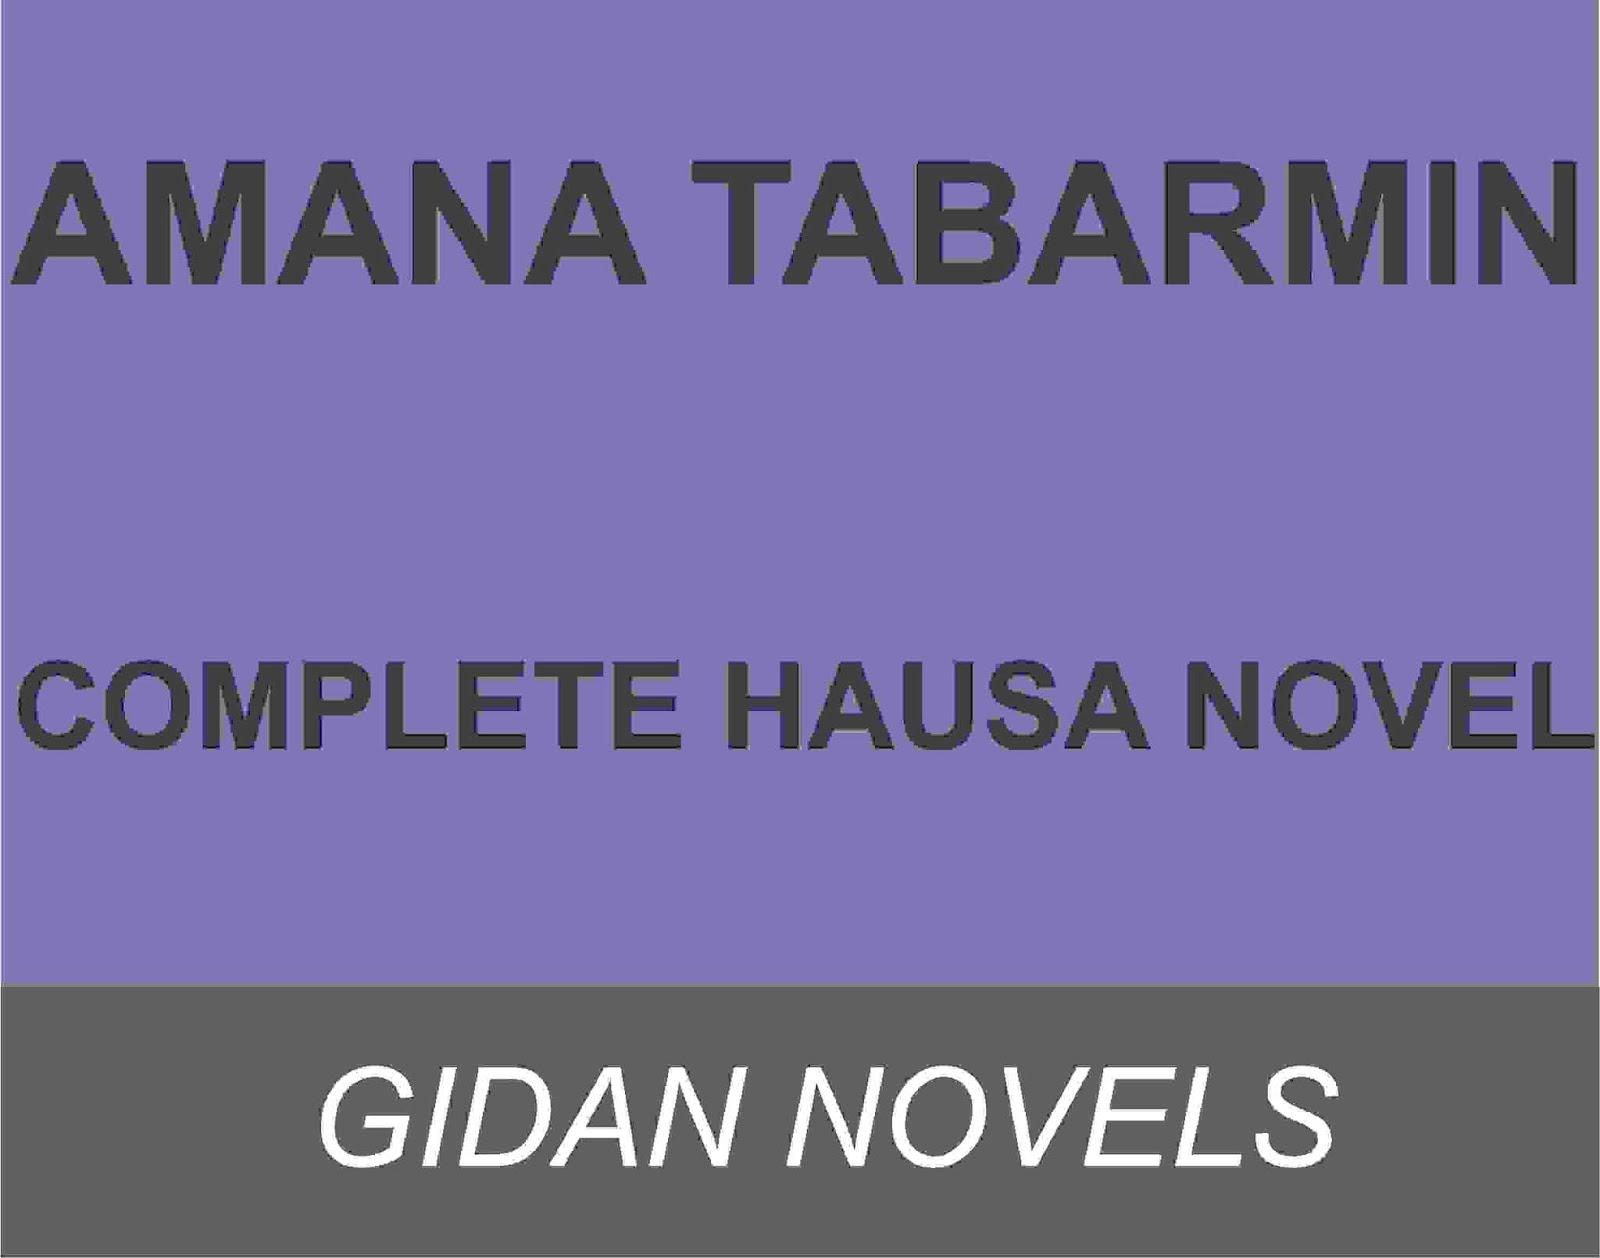 AMANA TABARMIN Complete hausa novels blog - Gidan Novels